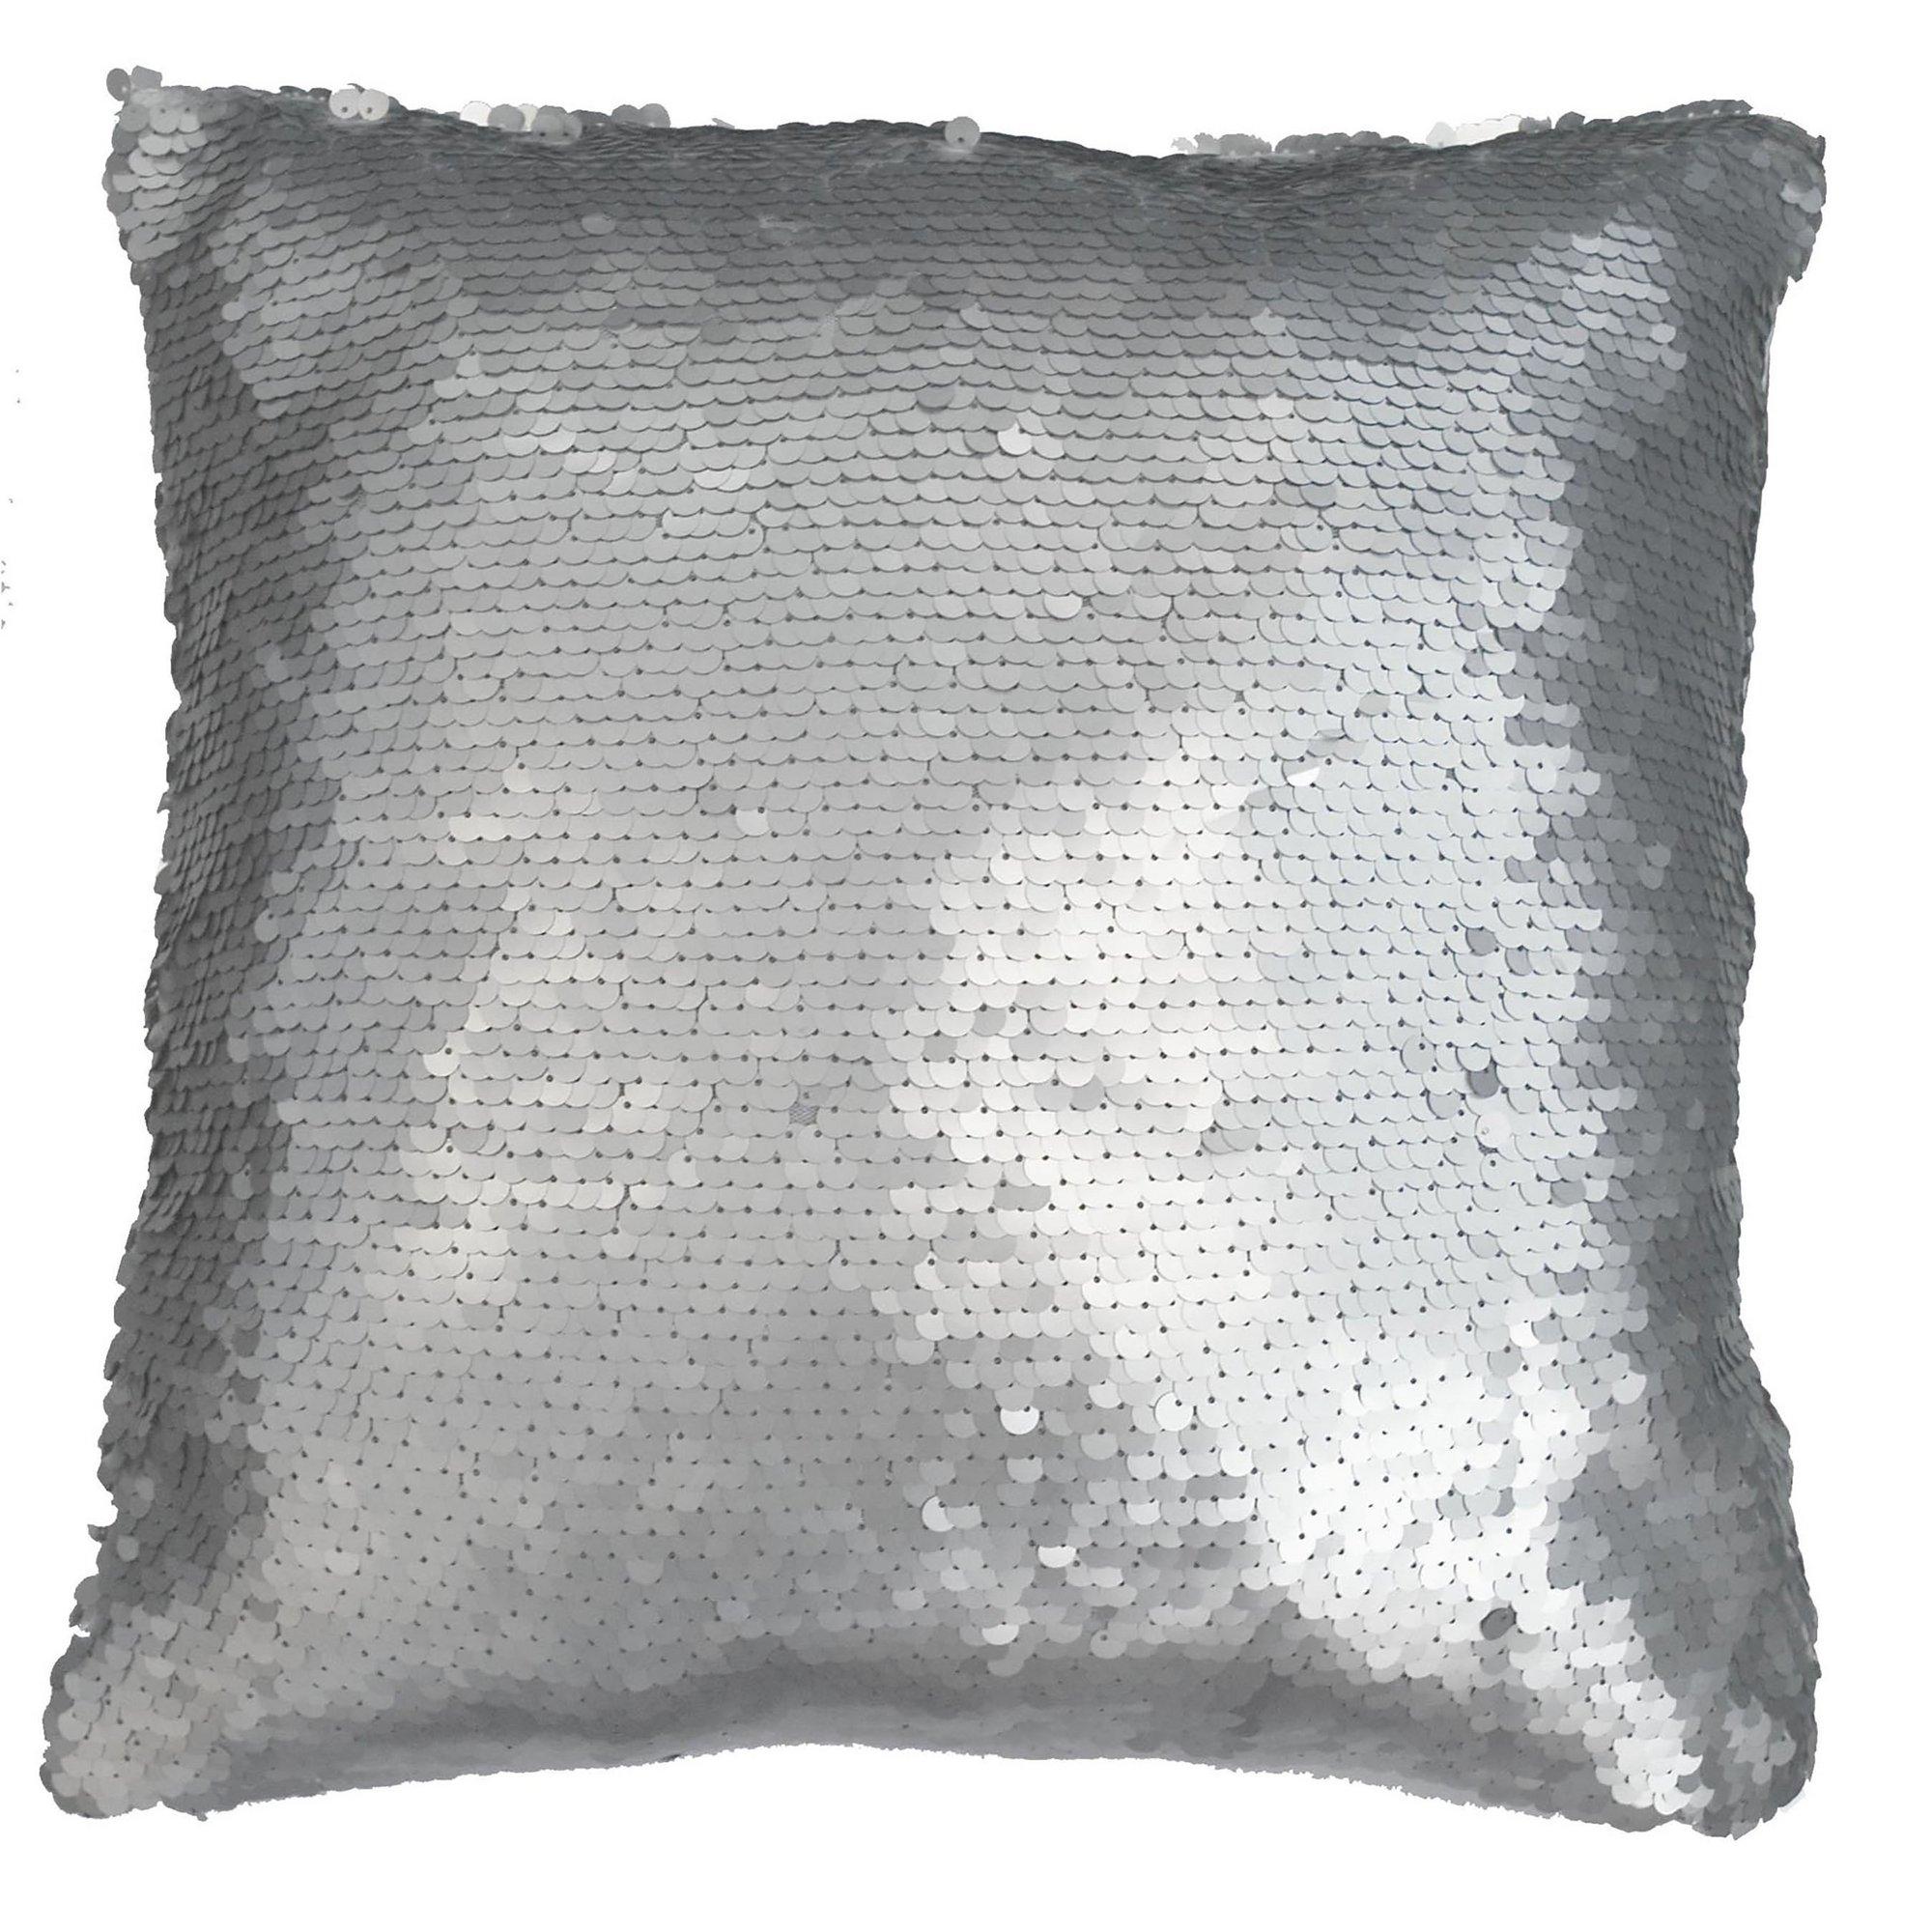 Image of Glitzy Cushion